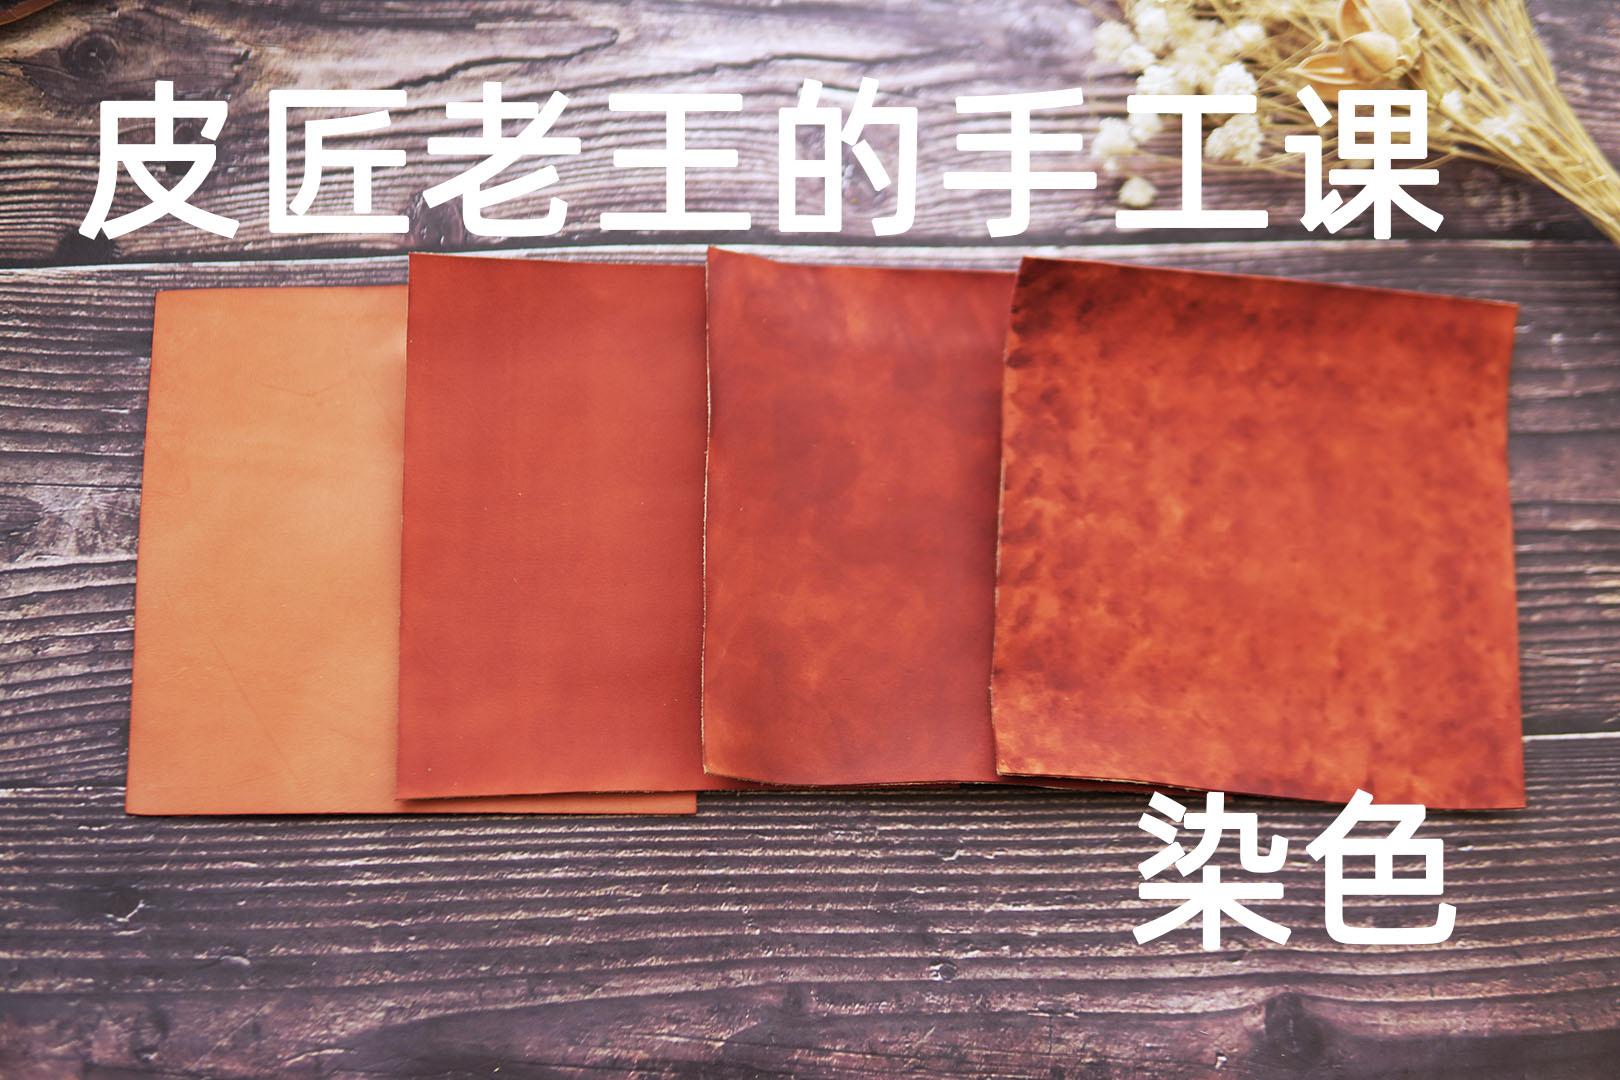 皮匠老王的手工课 植鞣革酒精染色剂染色手法教程 皮革上色技法学习